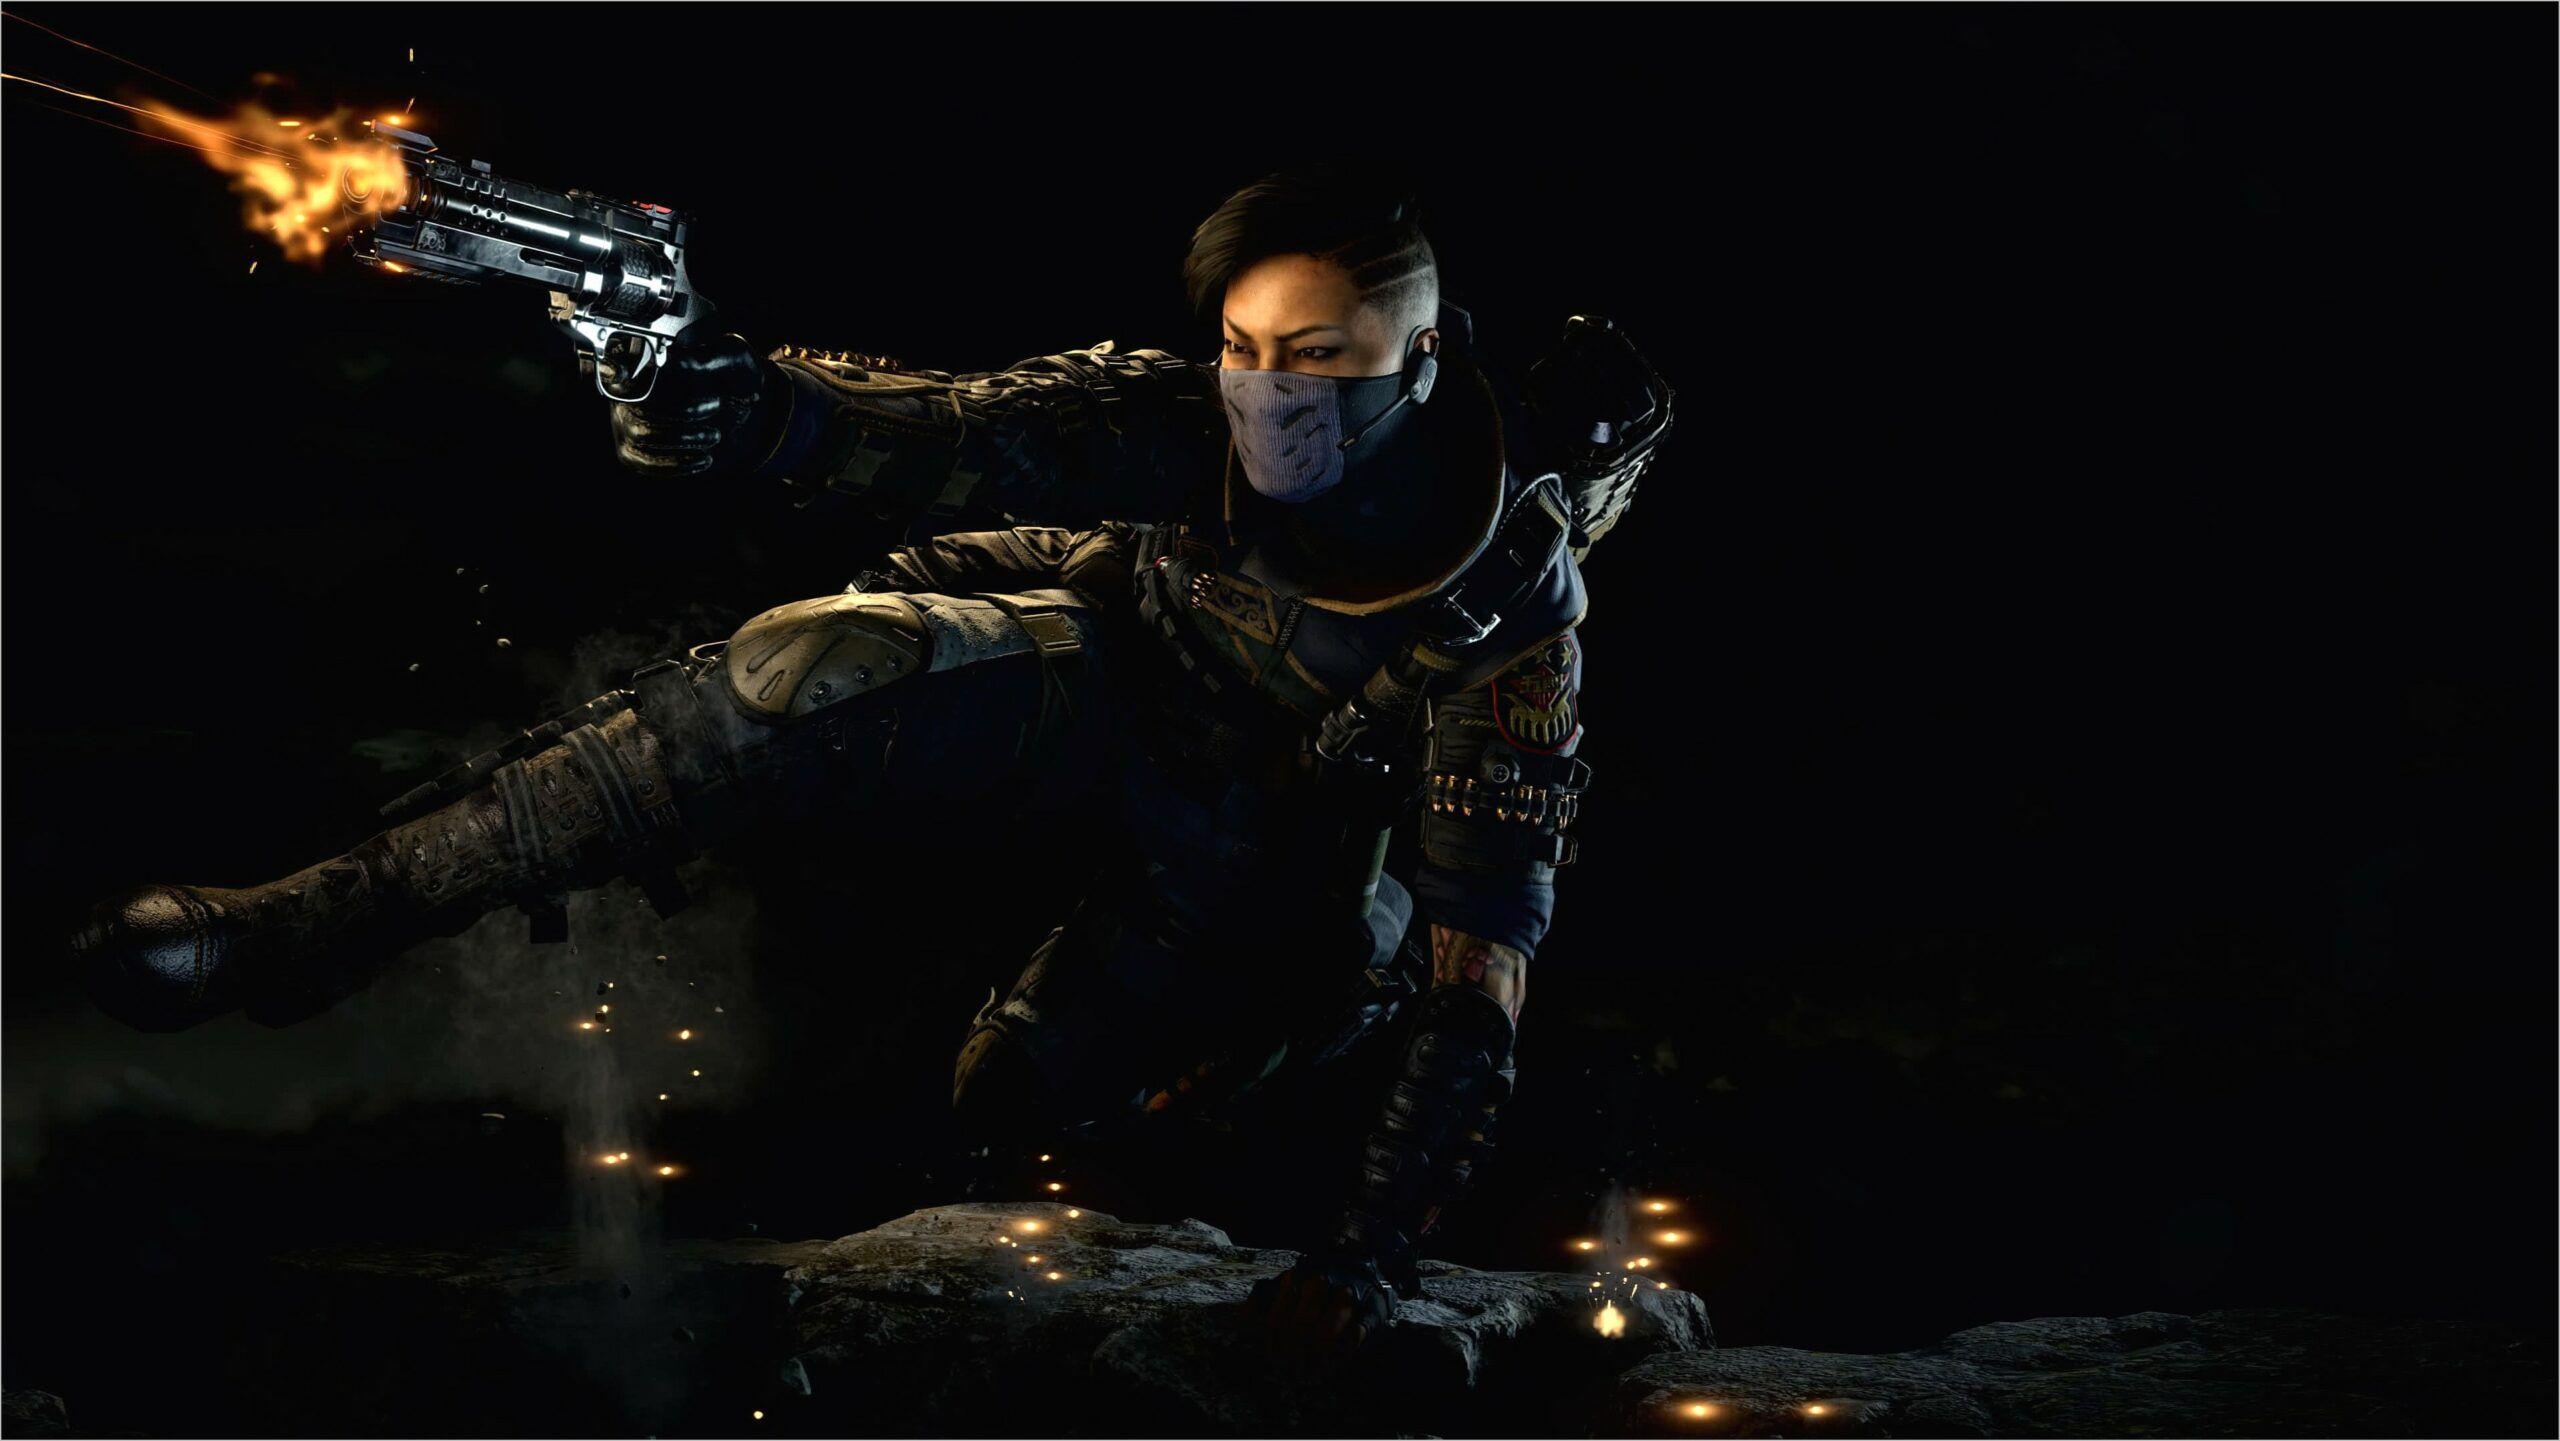 Black Ops 3 Wallpaper 4k Seraph In 2020 Call Duty Black Ops Call Of Duty Black Black Ops 4